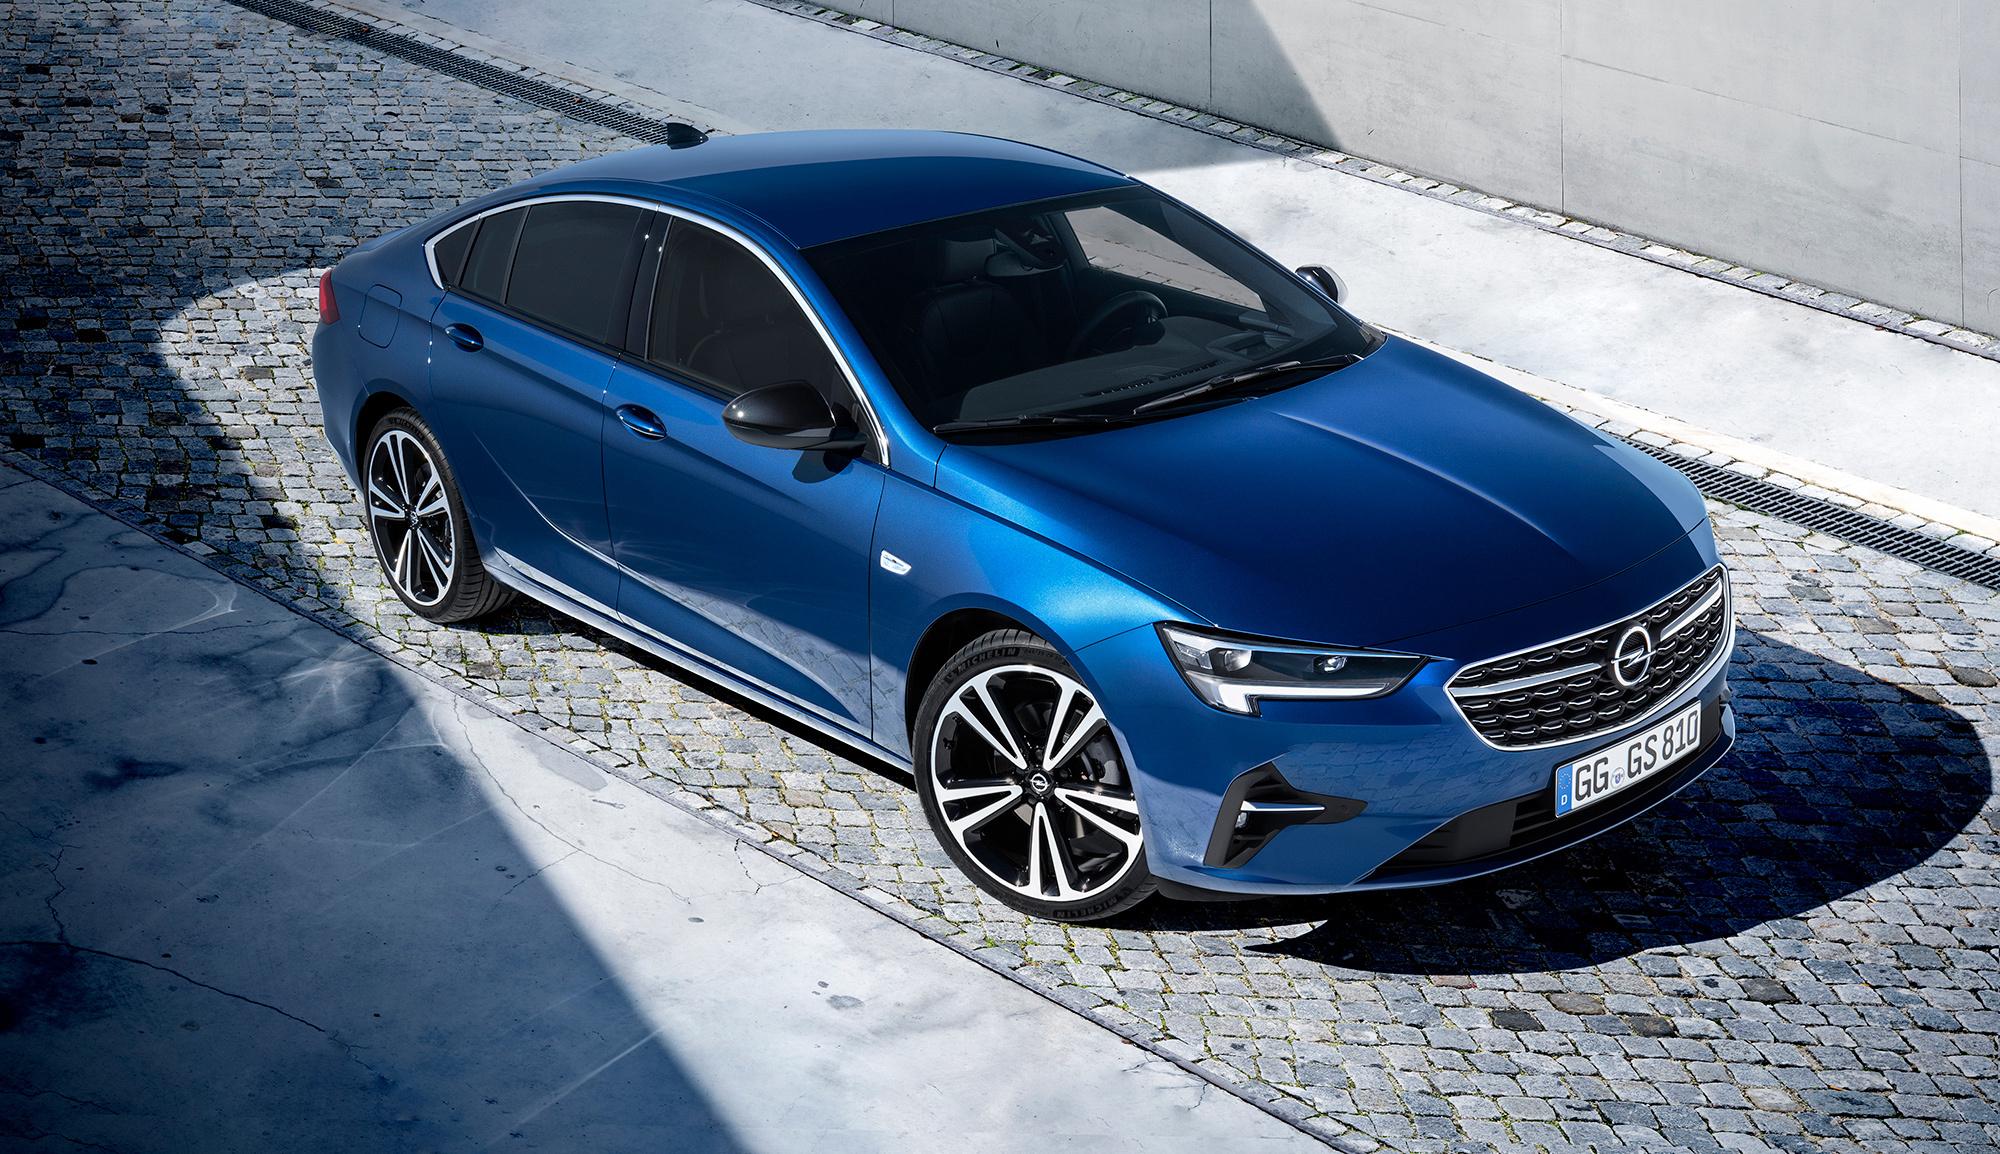 Подтяжка лица принесла семейству Opel Insignia новые фары